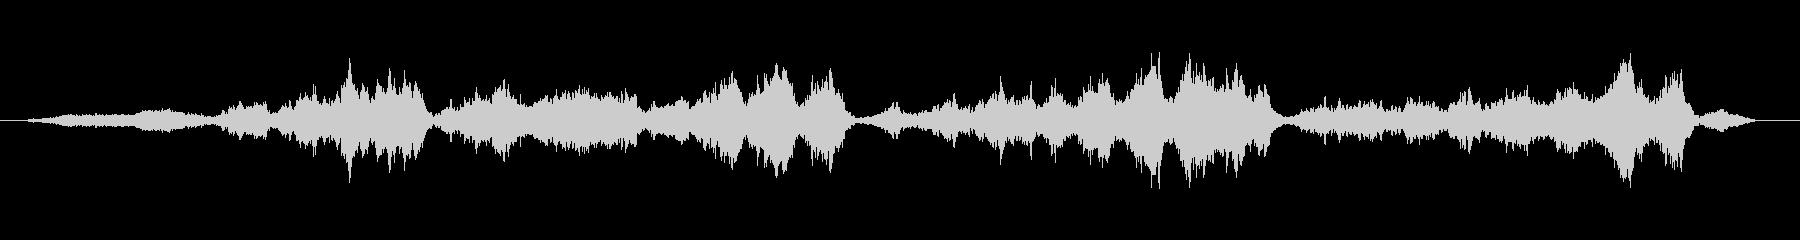 Deep Blue KURAGEアンビ版の未再生の波形